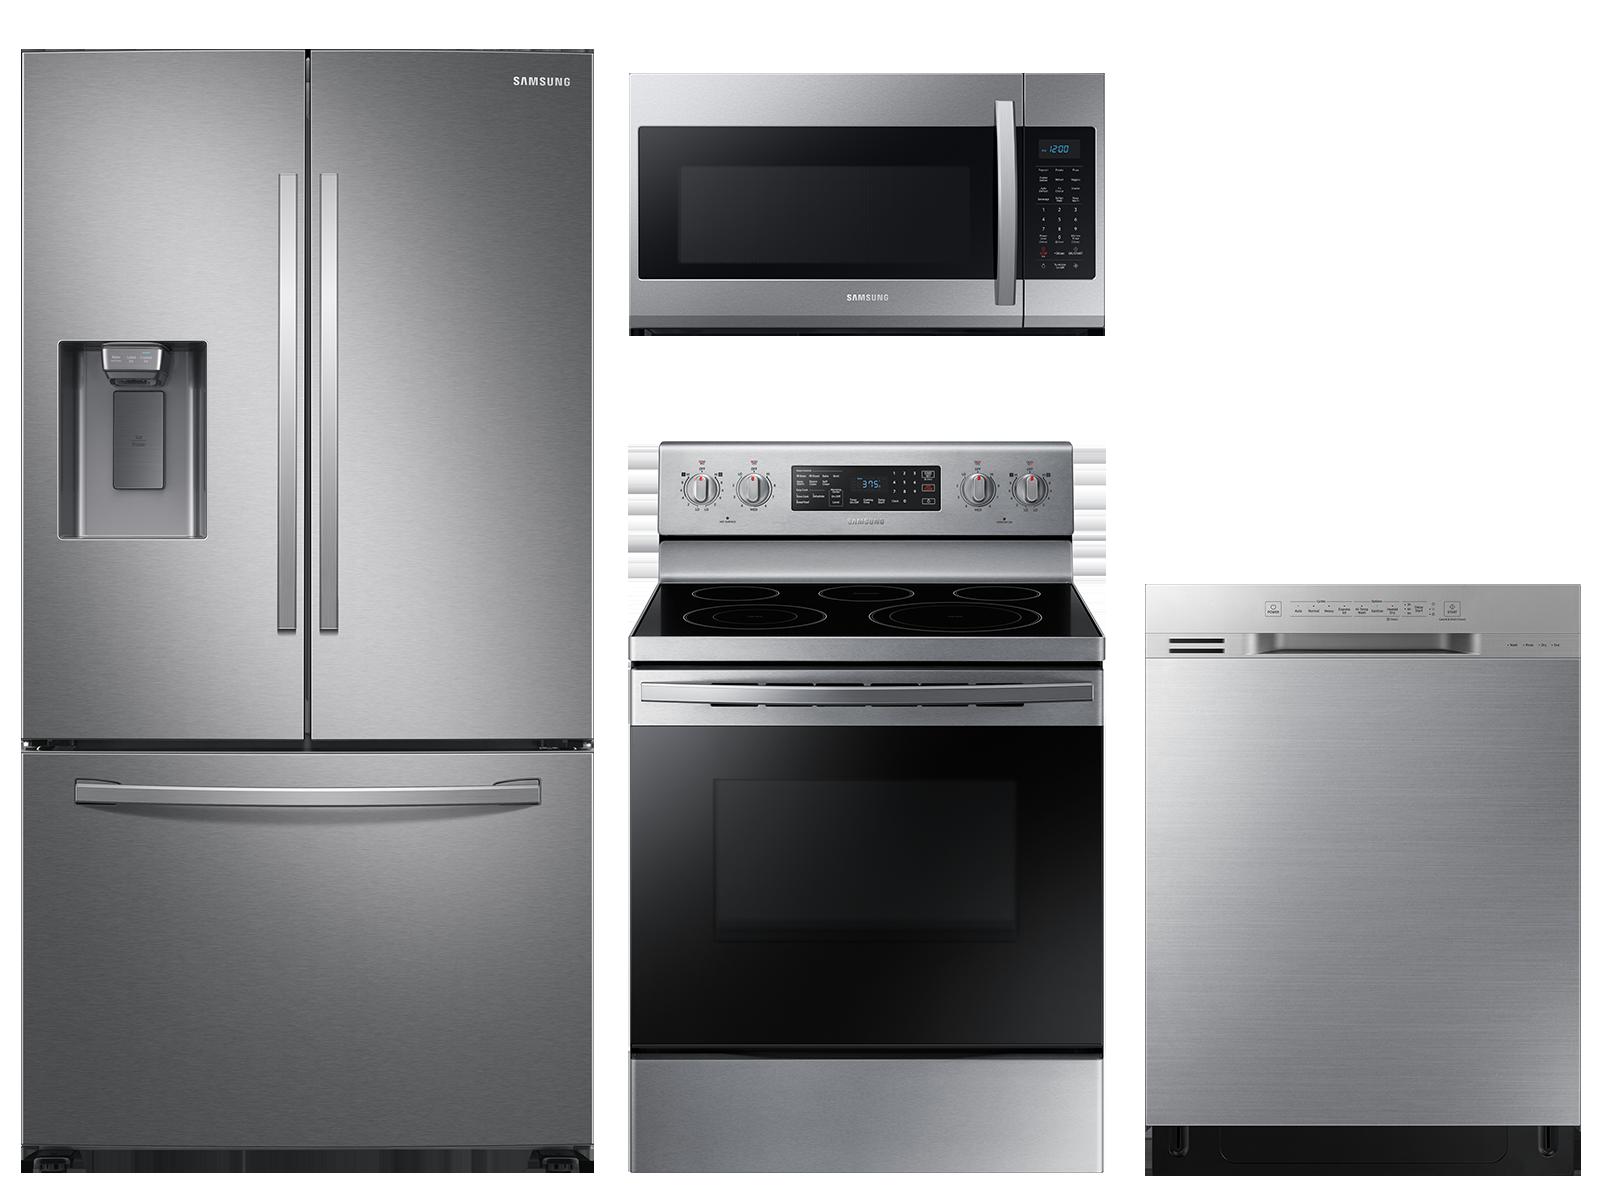 Samsung Large capacity 3-door refrigerator & electric range package in stainless steel